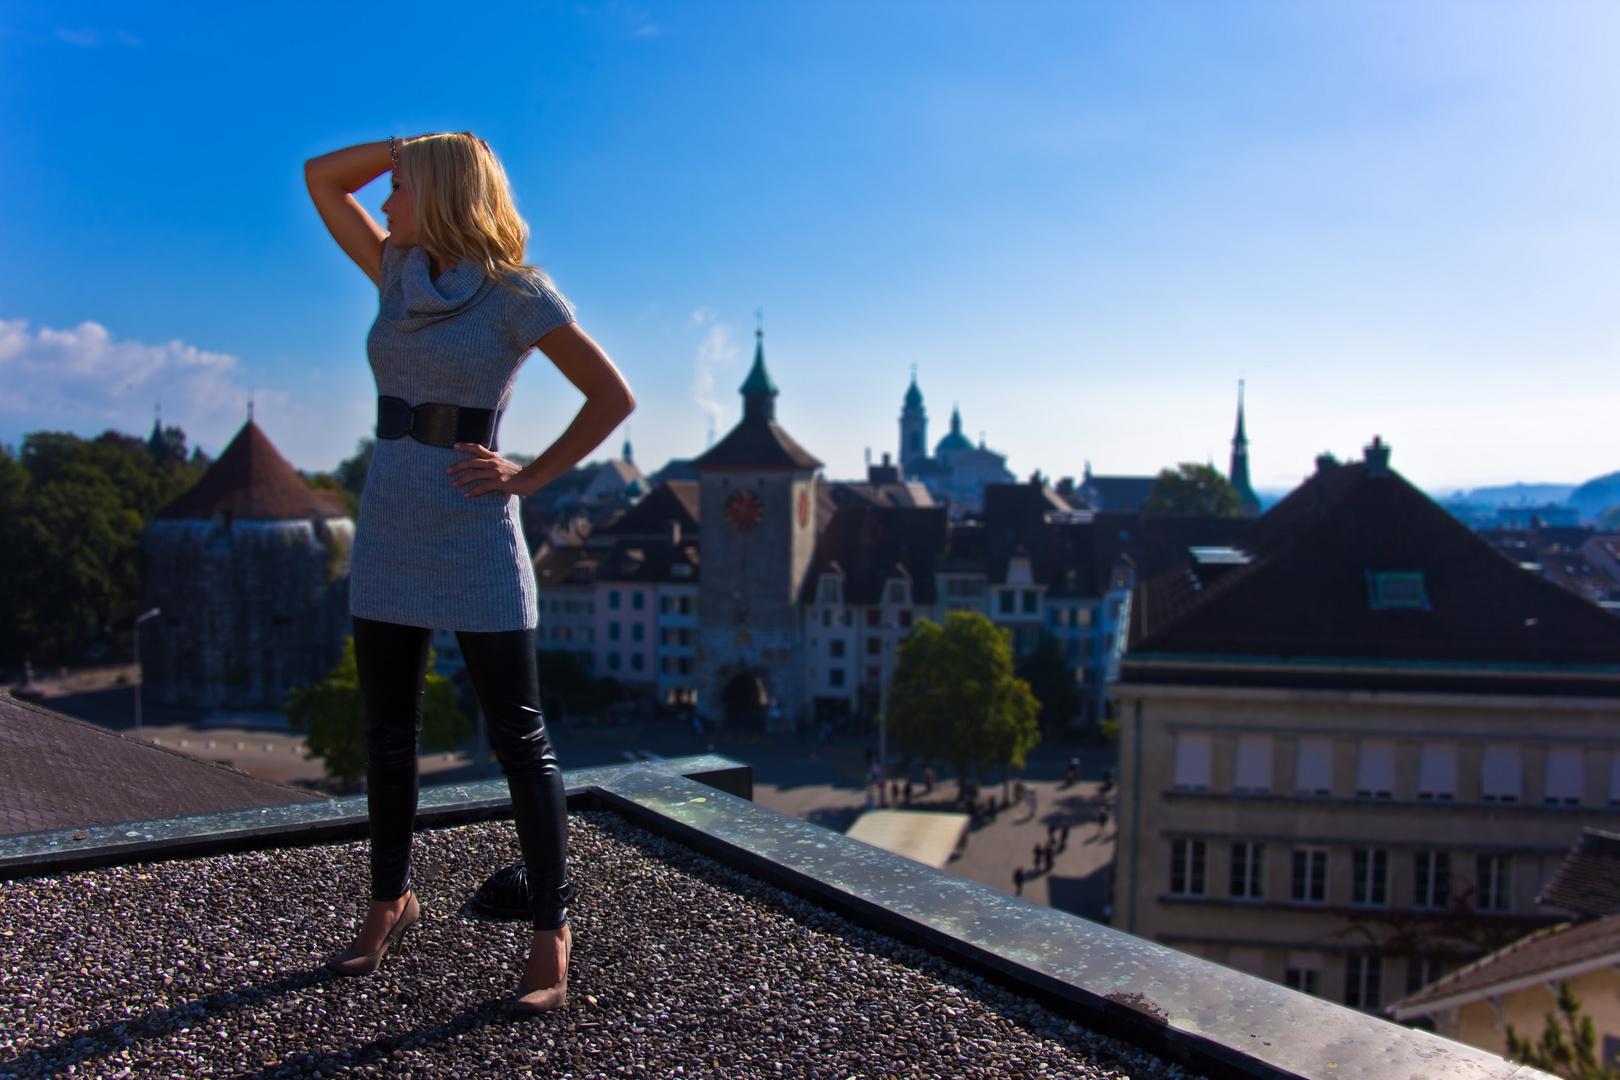 Ueber den Dächern von Solothurn